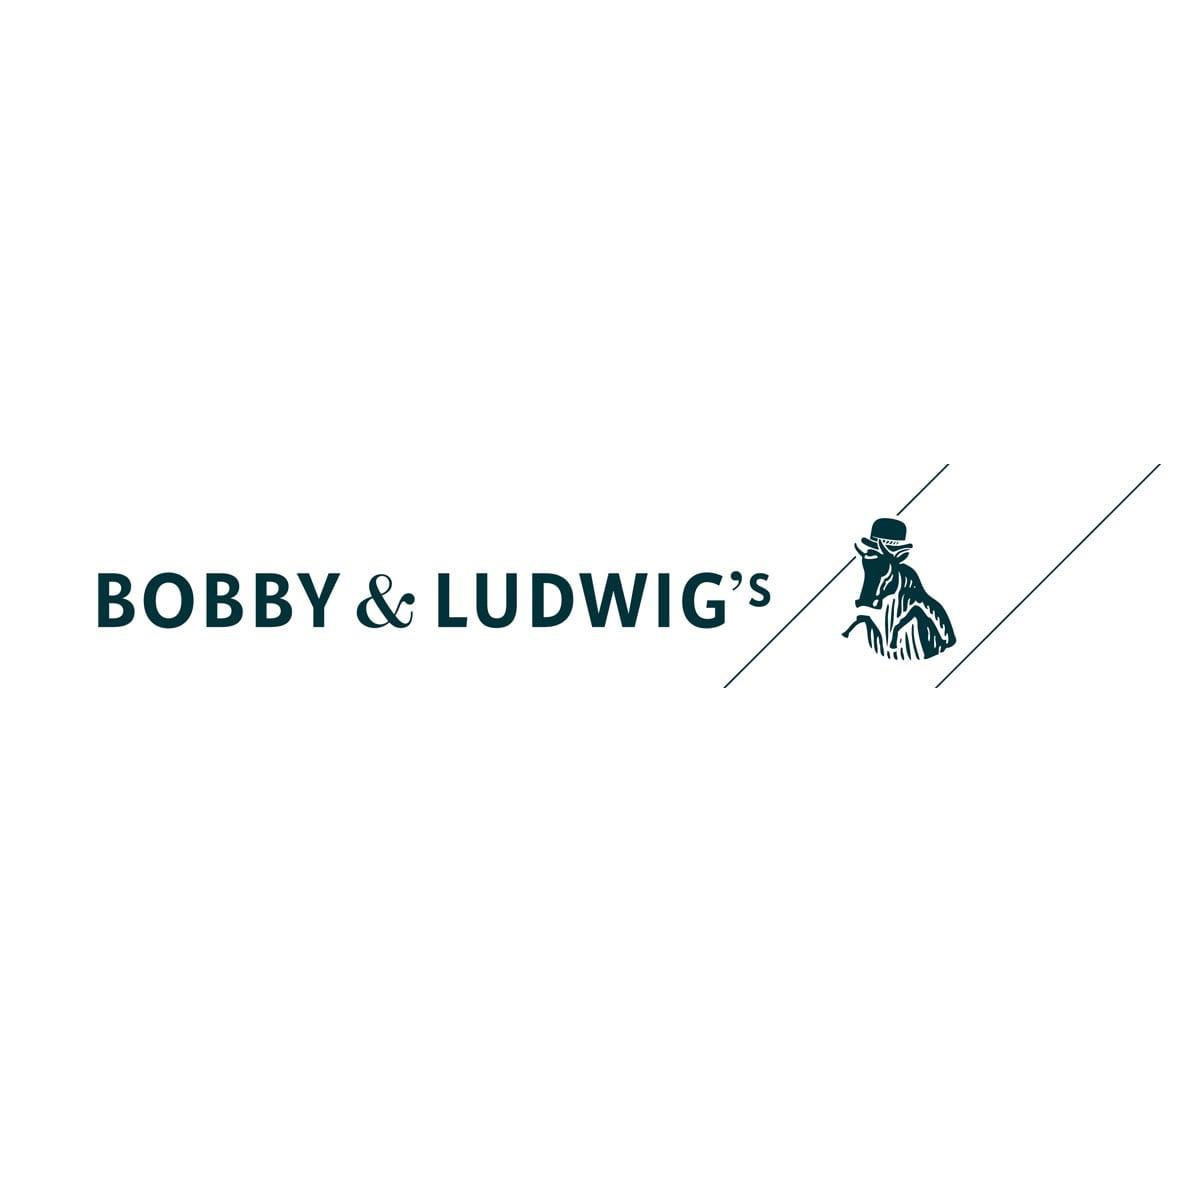 Stellenausschreibung Bobby & Ludwig`s